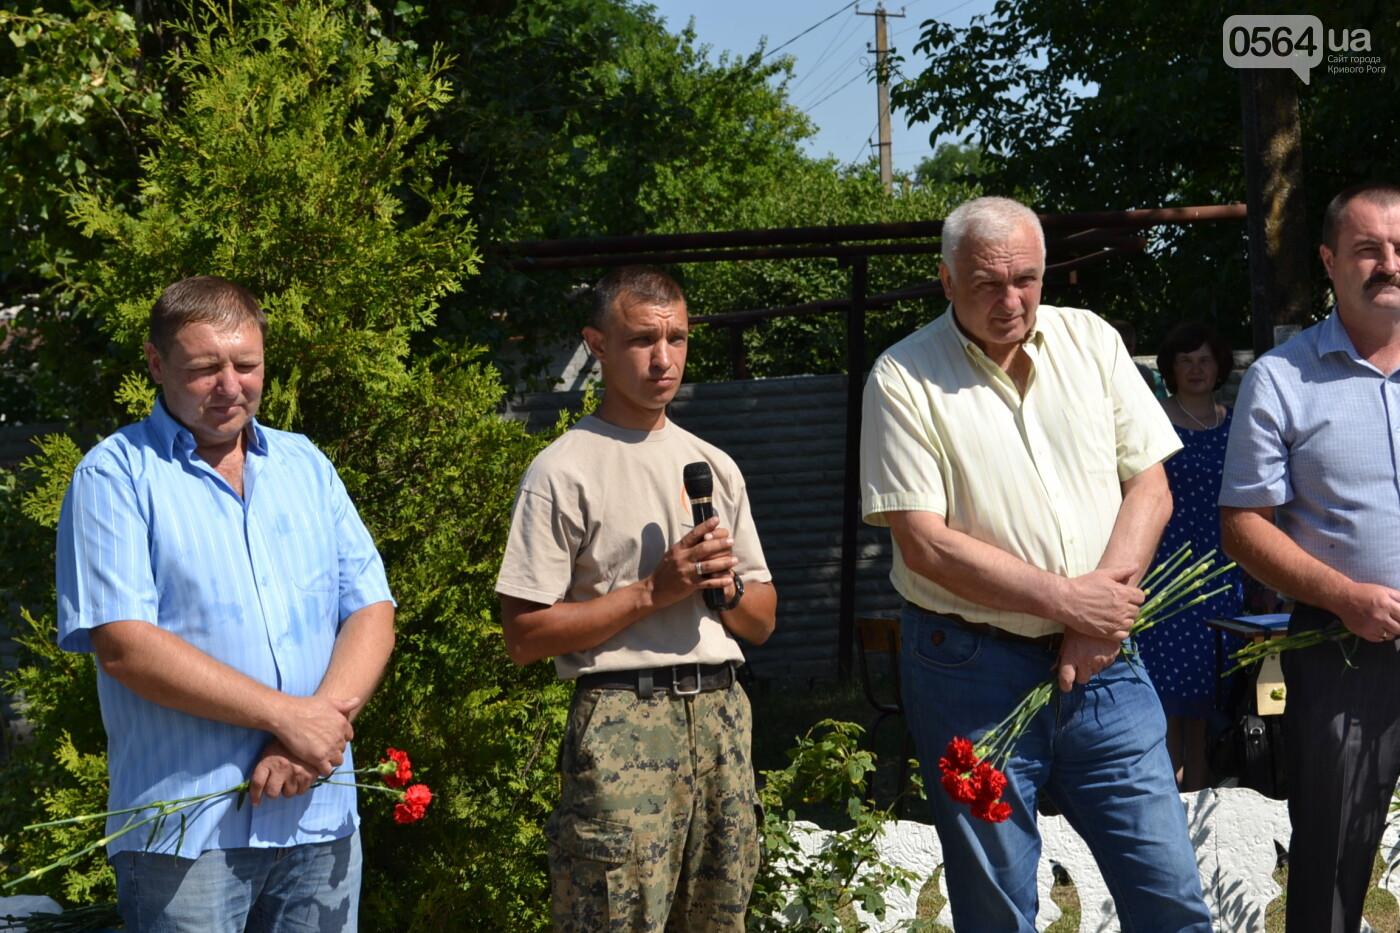 Вечная память! На Криворожье торжественно захоронили останки 43 воинов Второй мировой, - ФОТО, ВИДЕО, фото-24